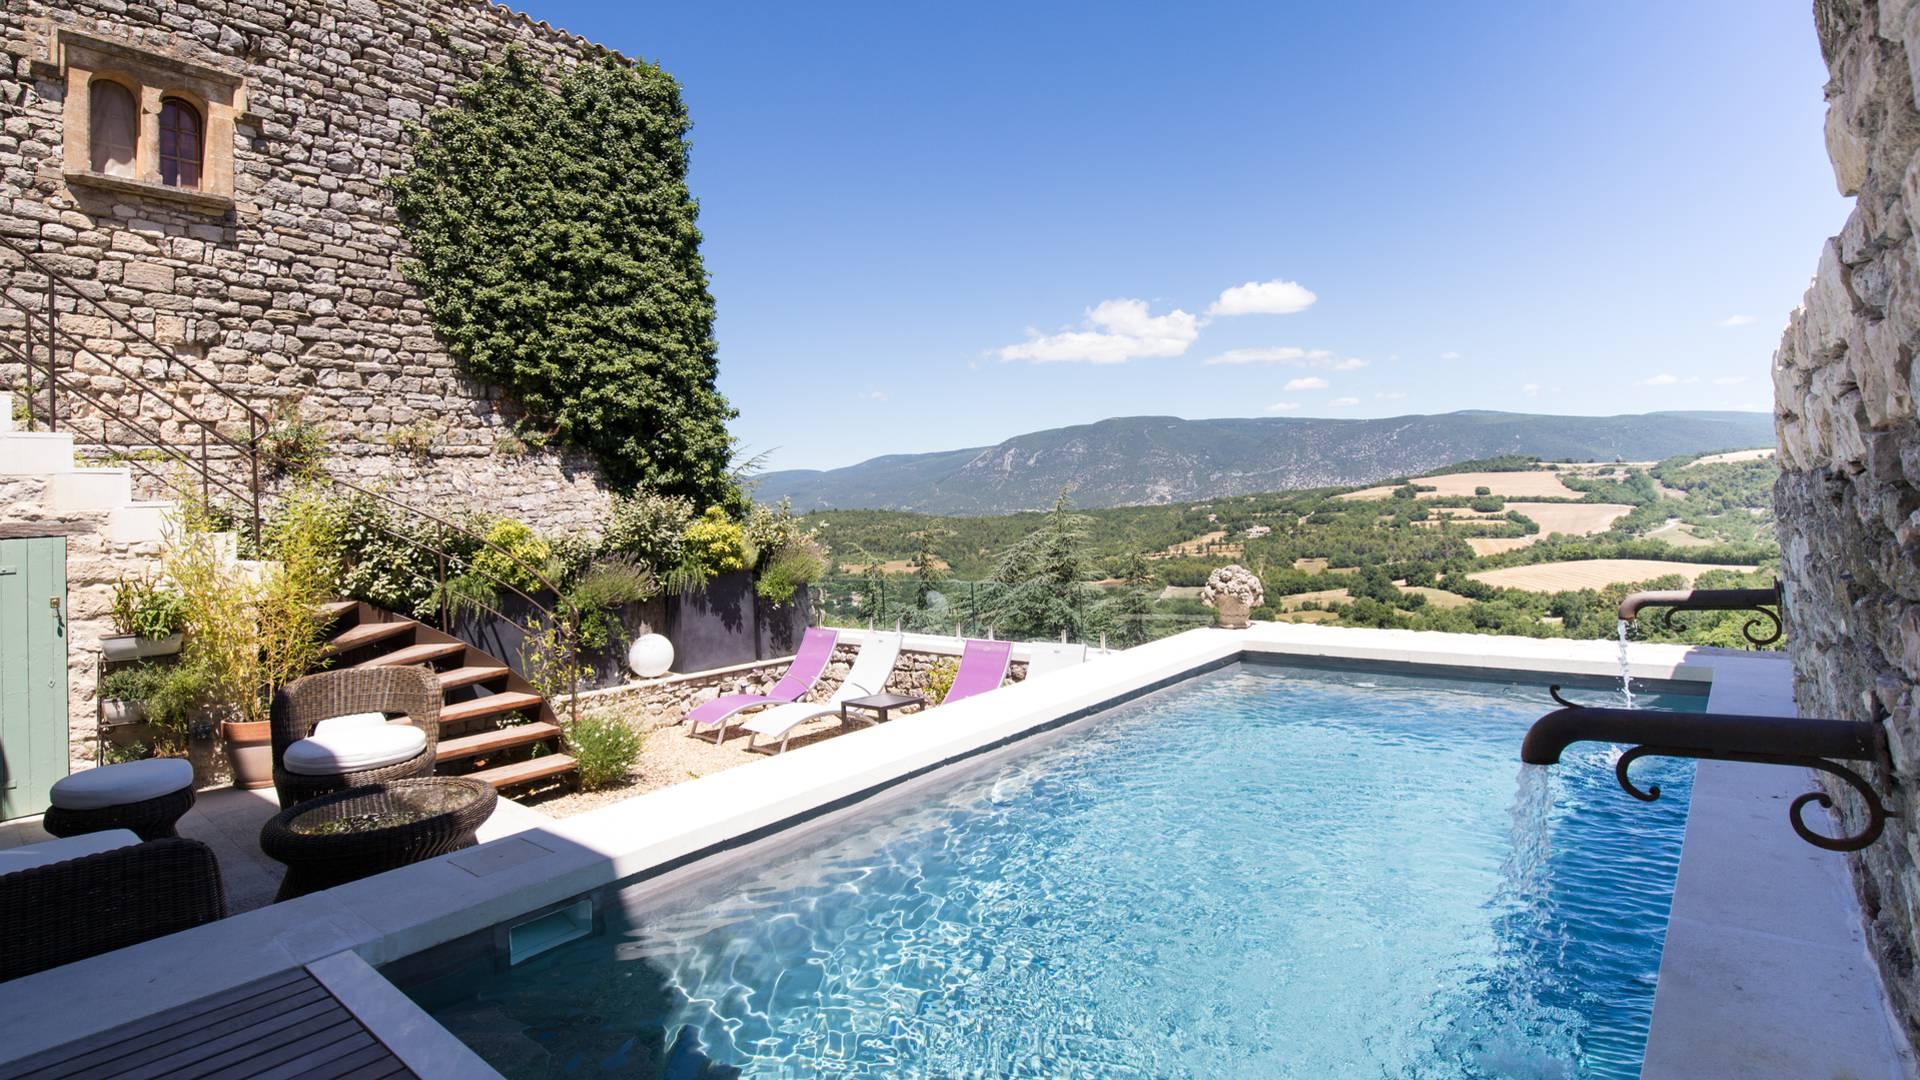 Chambres d'hôtes | La Bastide de Caseneuve | Piscine | Vue